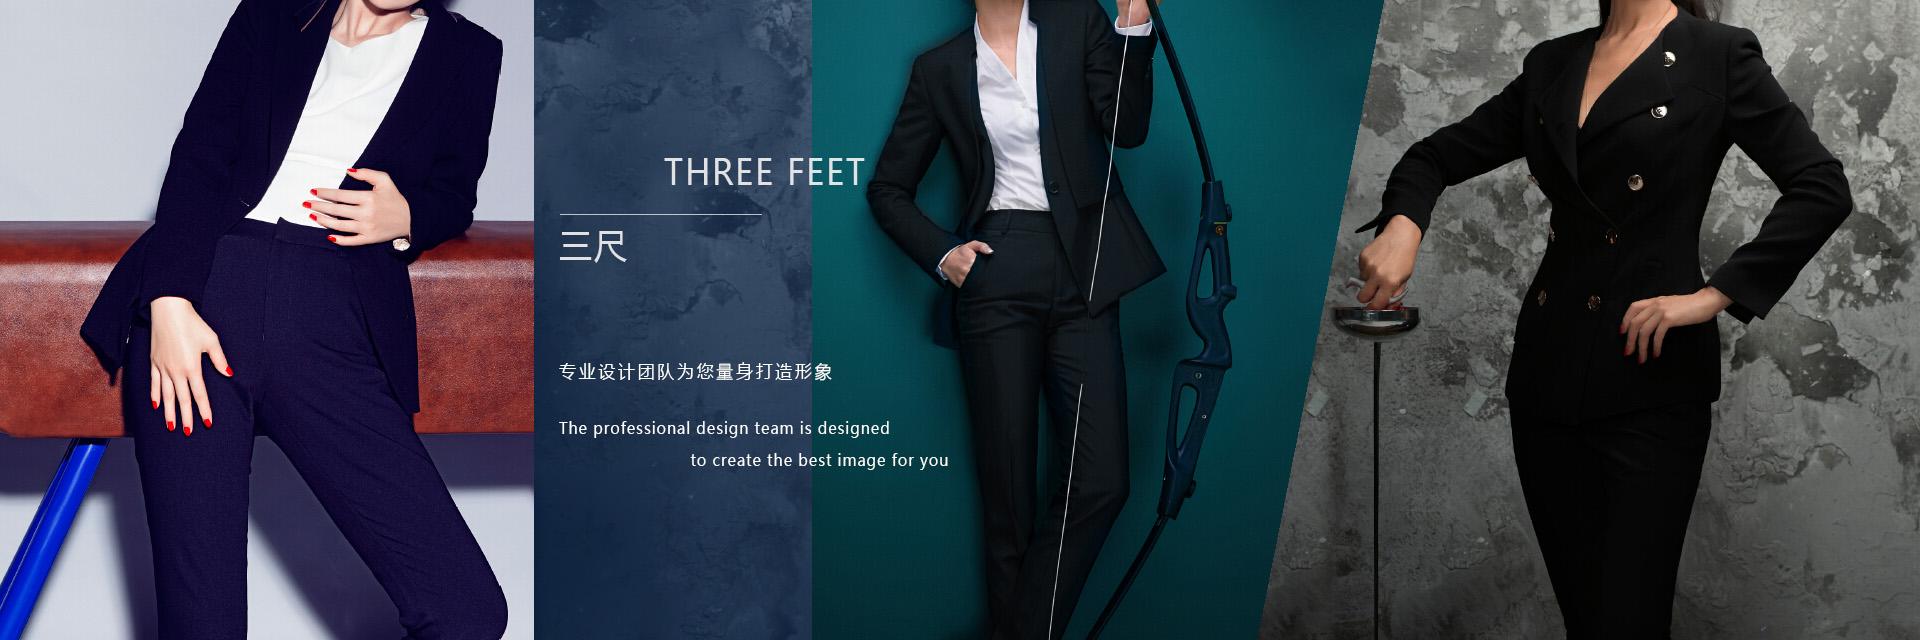 南宁西服定做,南宁职业装定做,南宁时尚女西服订做,南宁私人订制服装